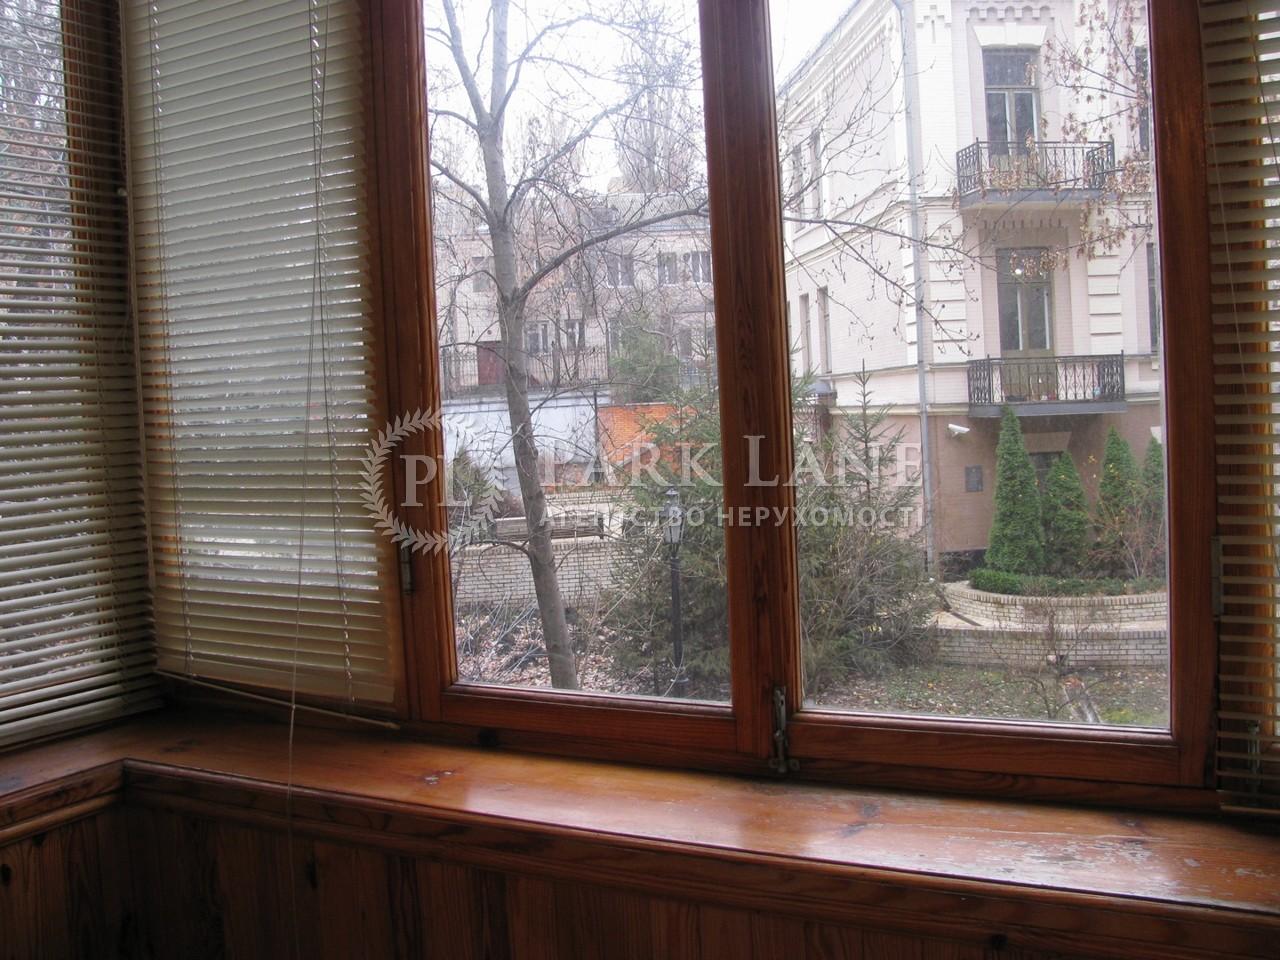 Квартира ул. Никольско-Ботаническая, 14/7, Киев, X-26710 - Фото 7